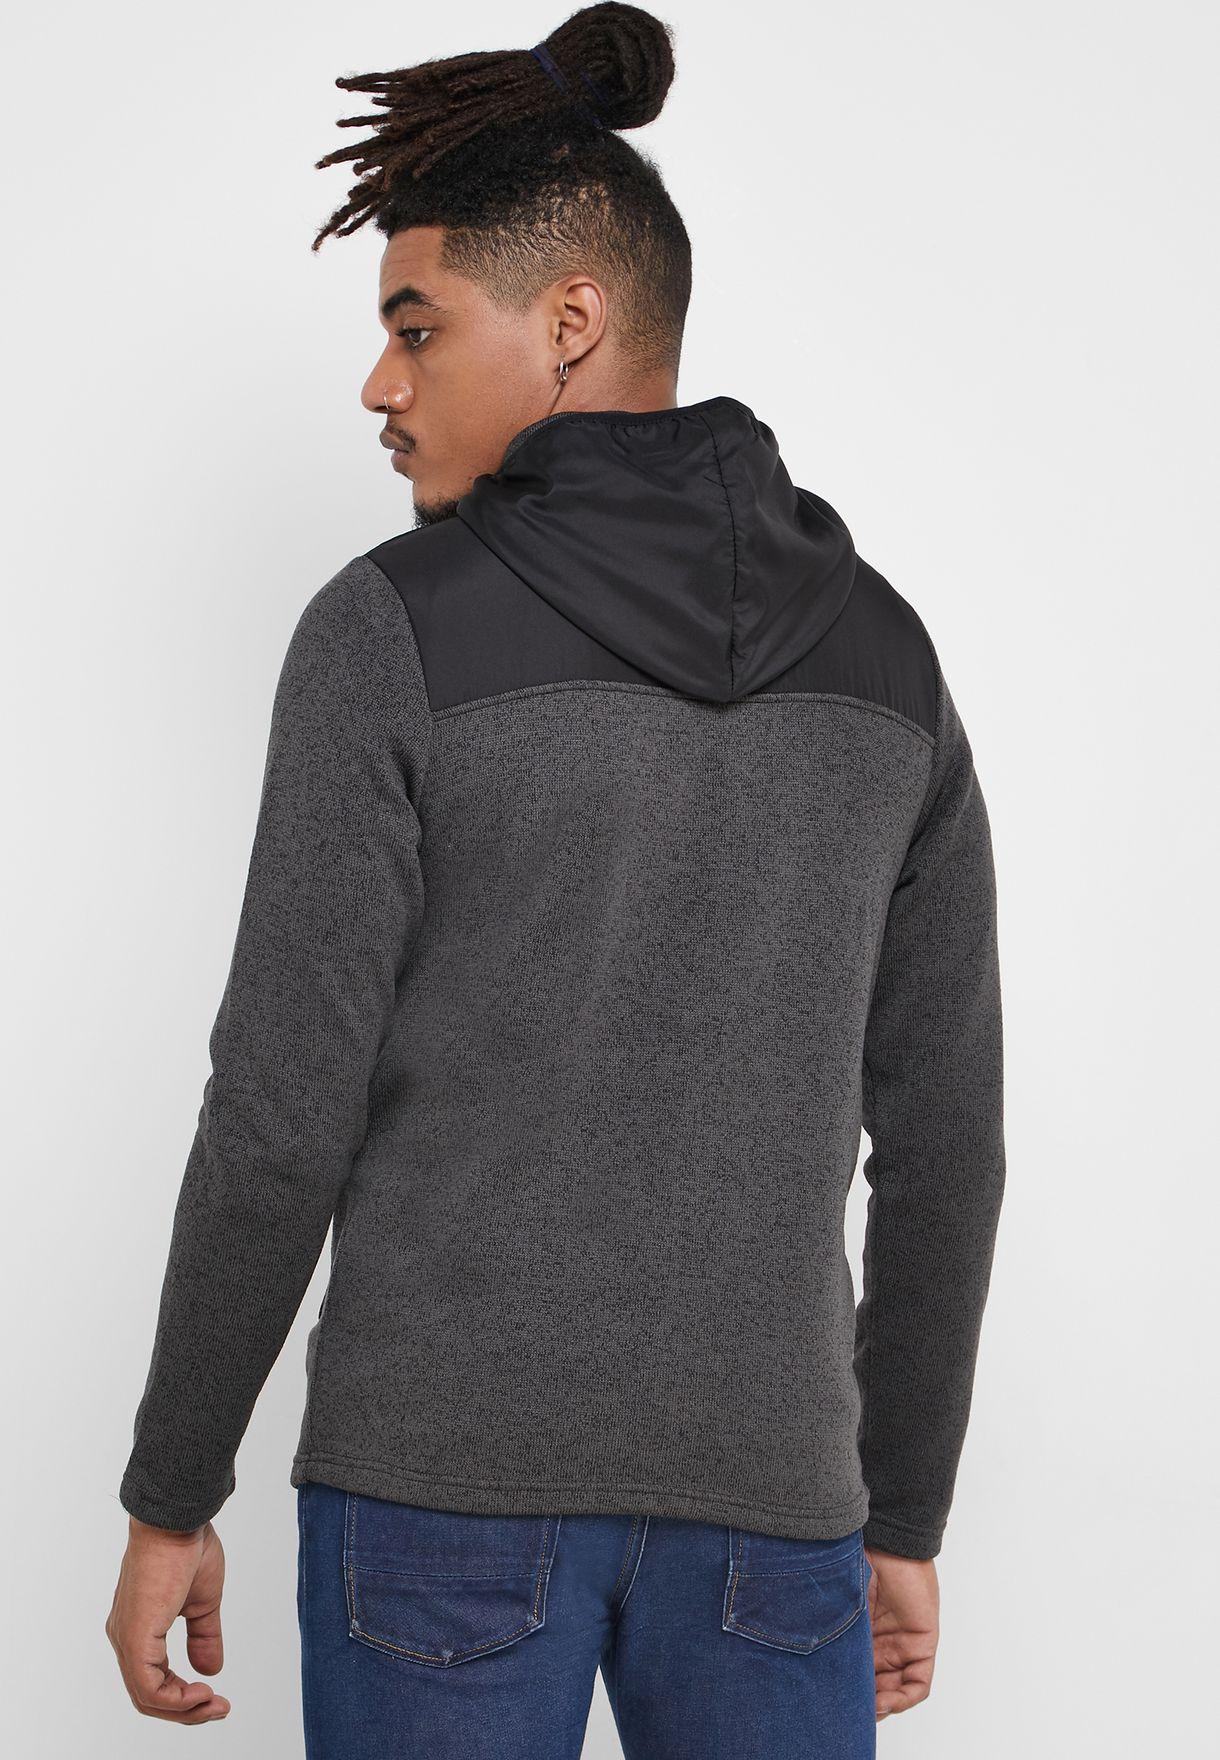 Jack & Jones Franklins Zip Through Sweatshirt - Fashion